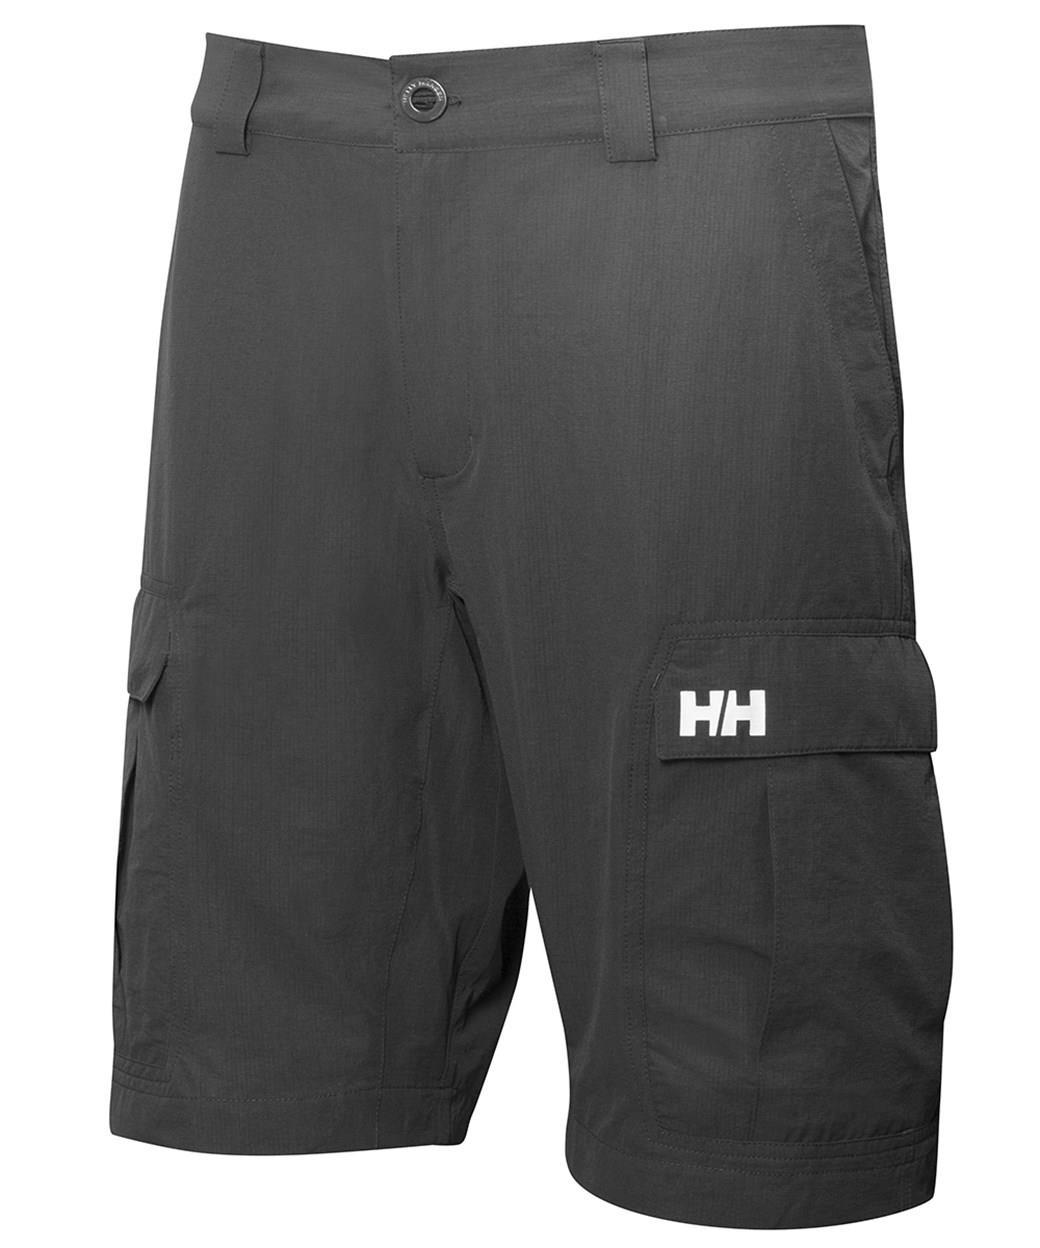 Hh Jotun Qd Cargo Shorts 11 Hha54154